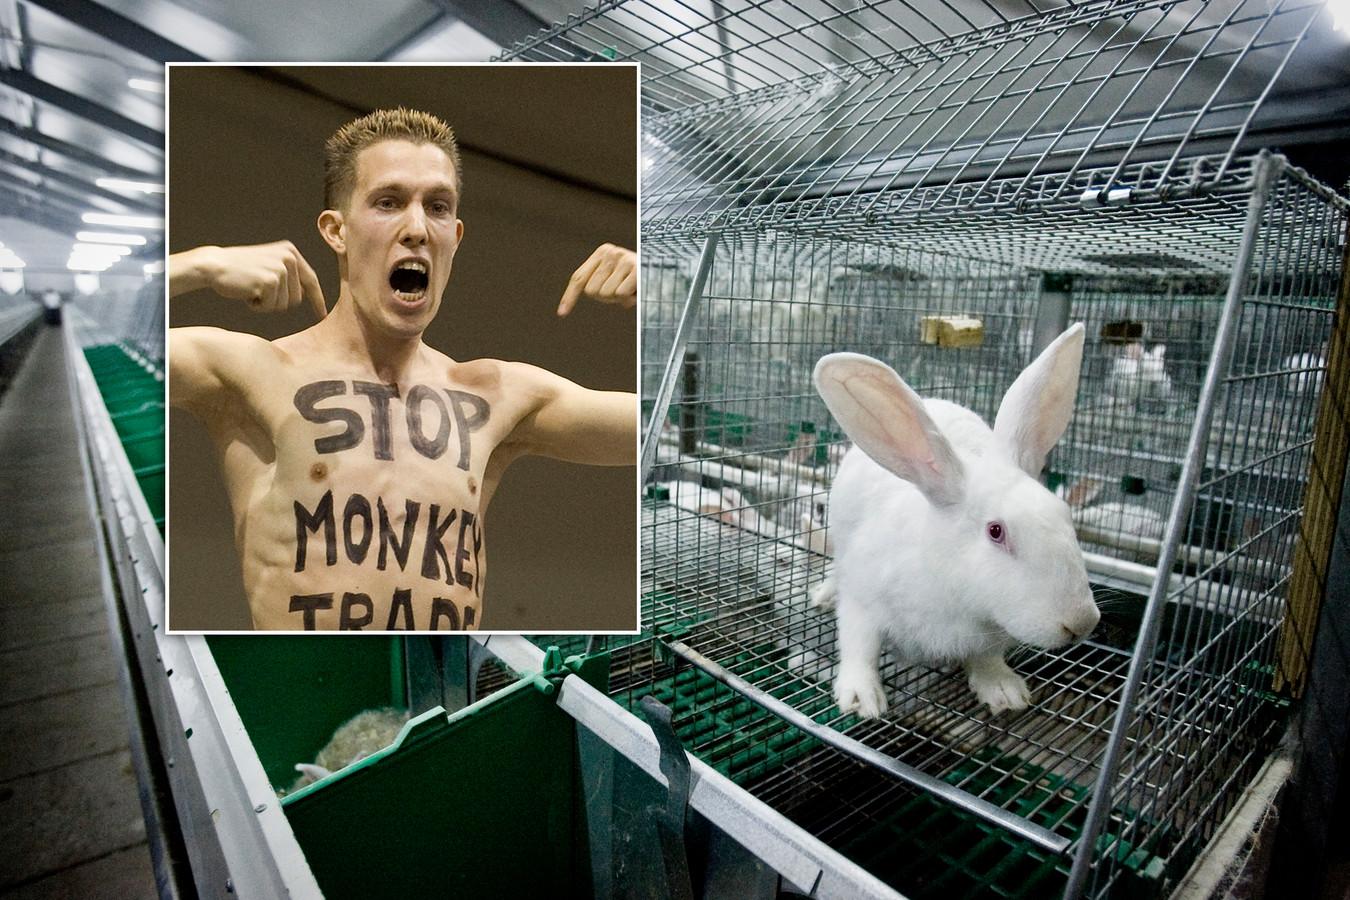 De Vegan Streaker (inzet) ging zonder toestemming een konijnenfokkerij in de Achterhoek binnen. Foto op de achtergrond ter illustratie.